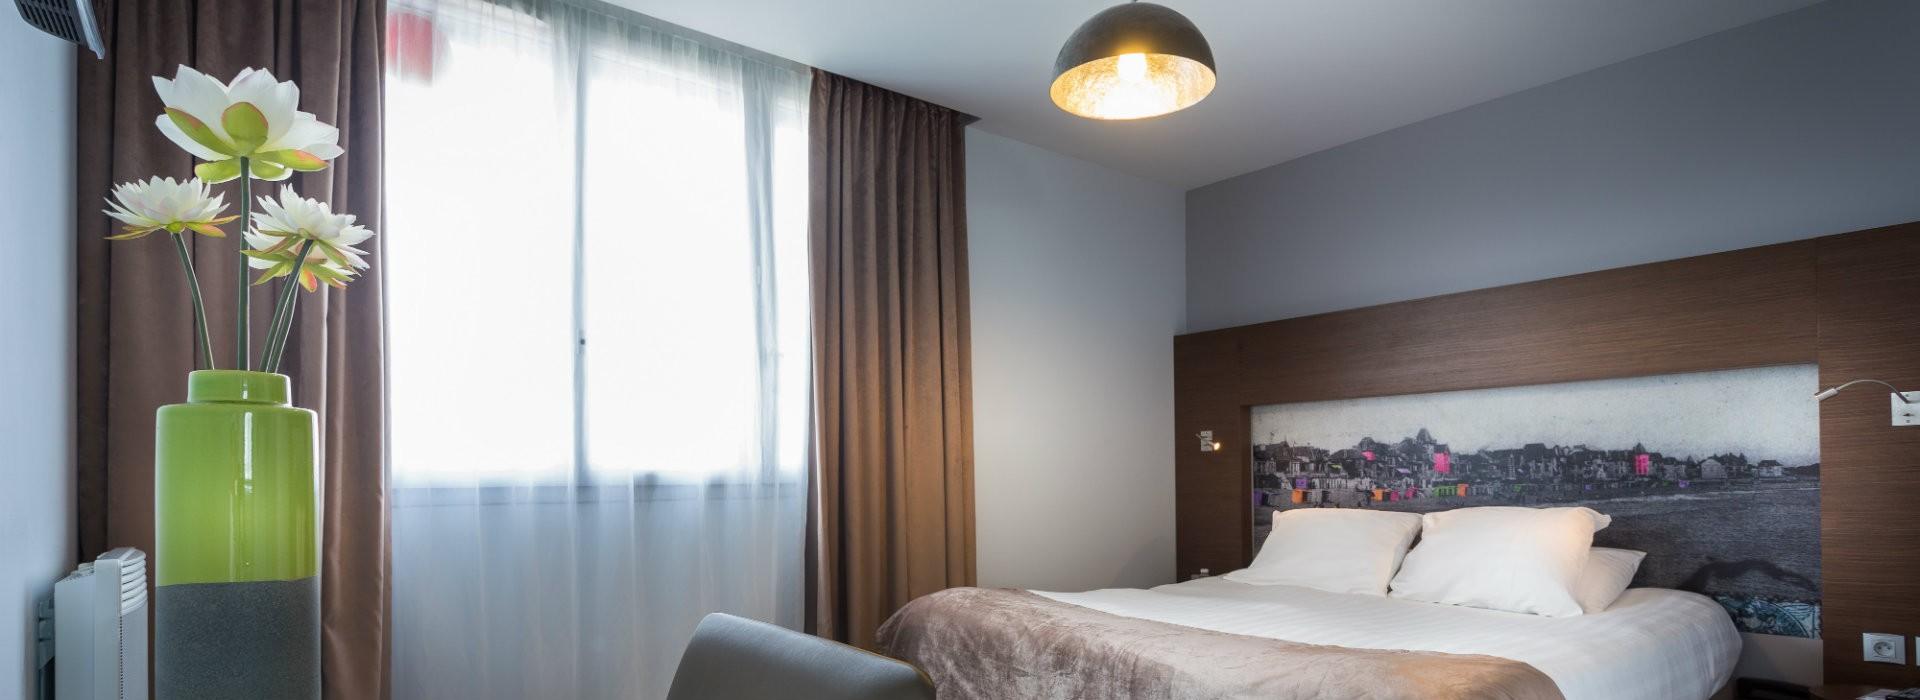 Confiez-nous la gestion complète de votre hébergement - Hôtel Garden and Spa